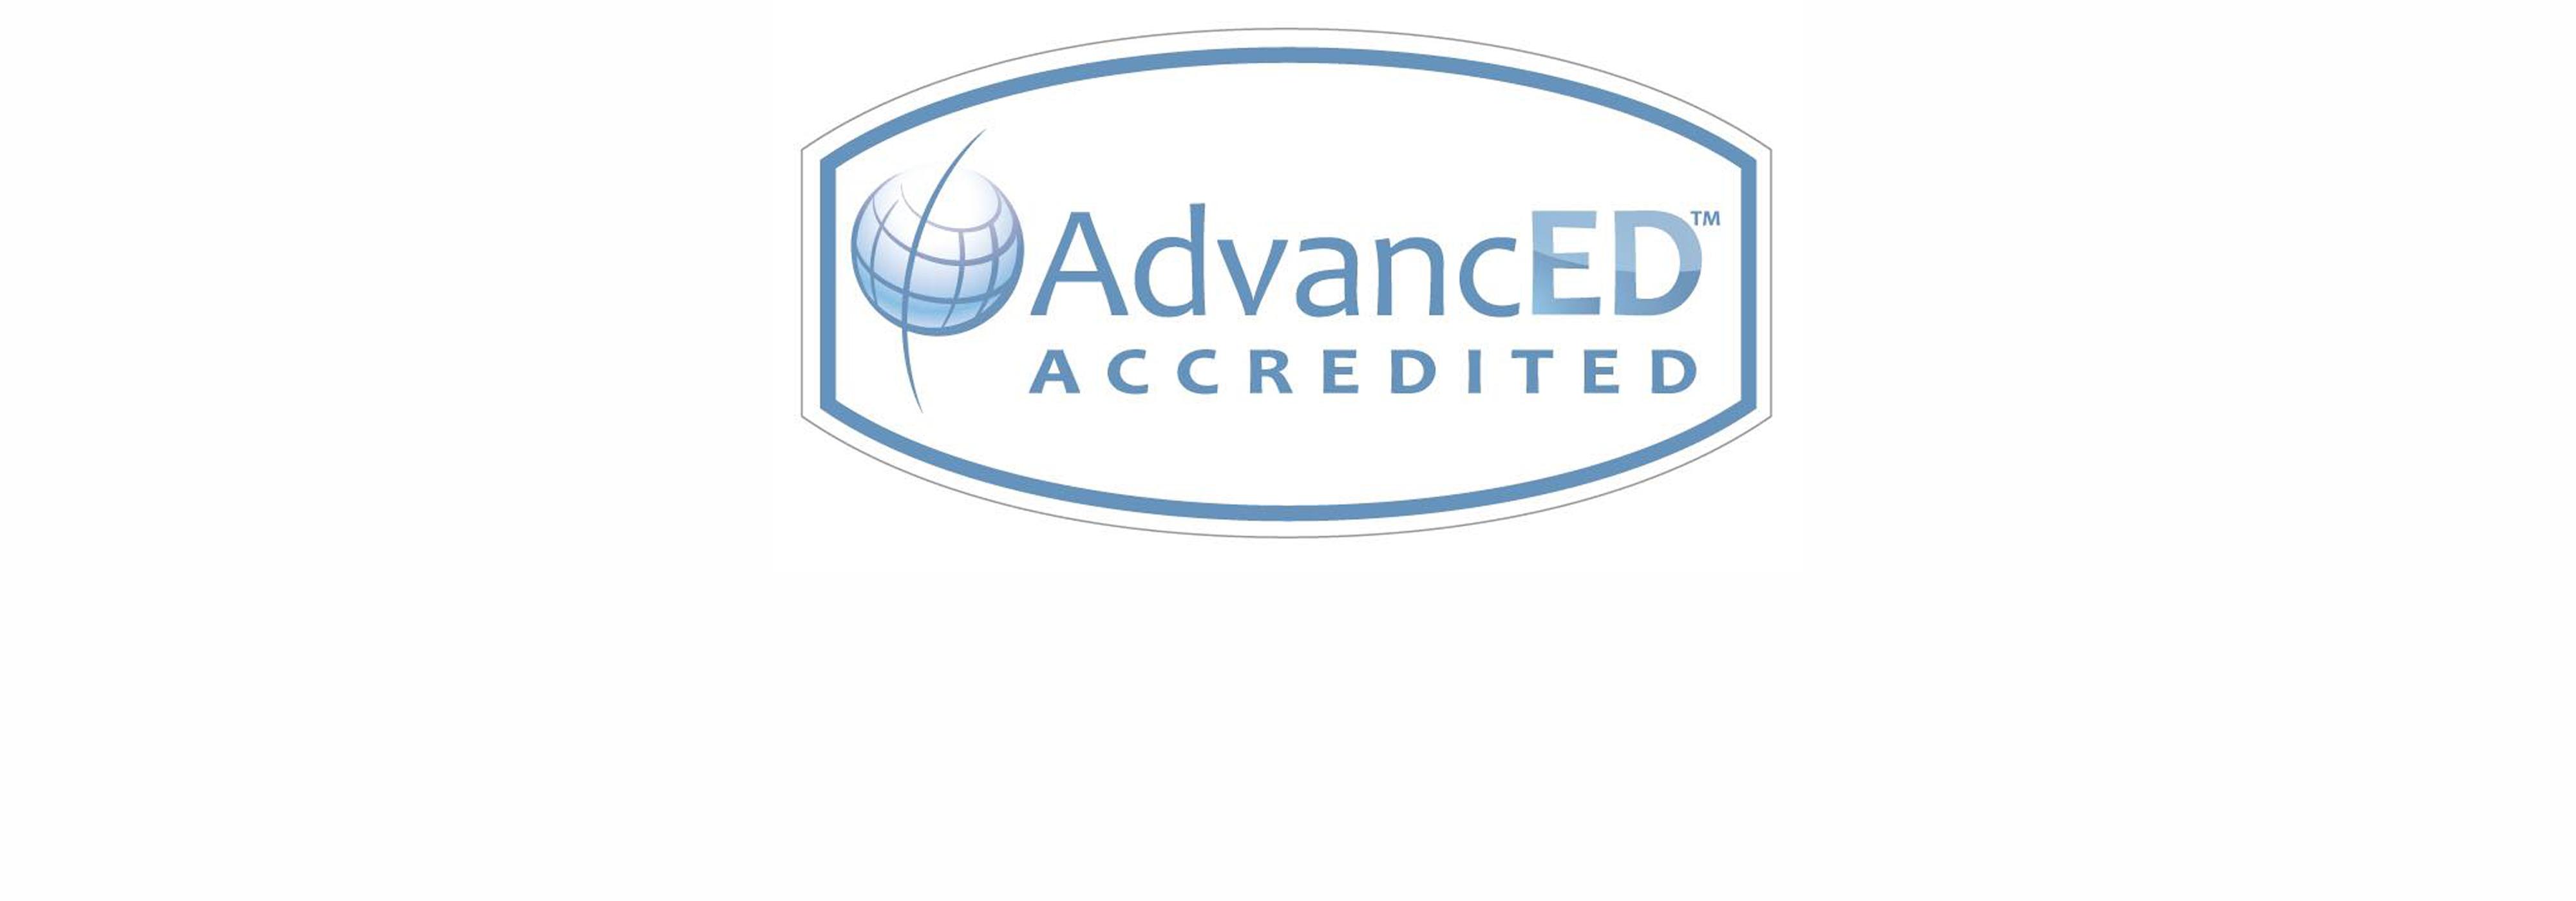 advancededslide2